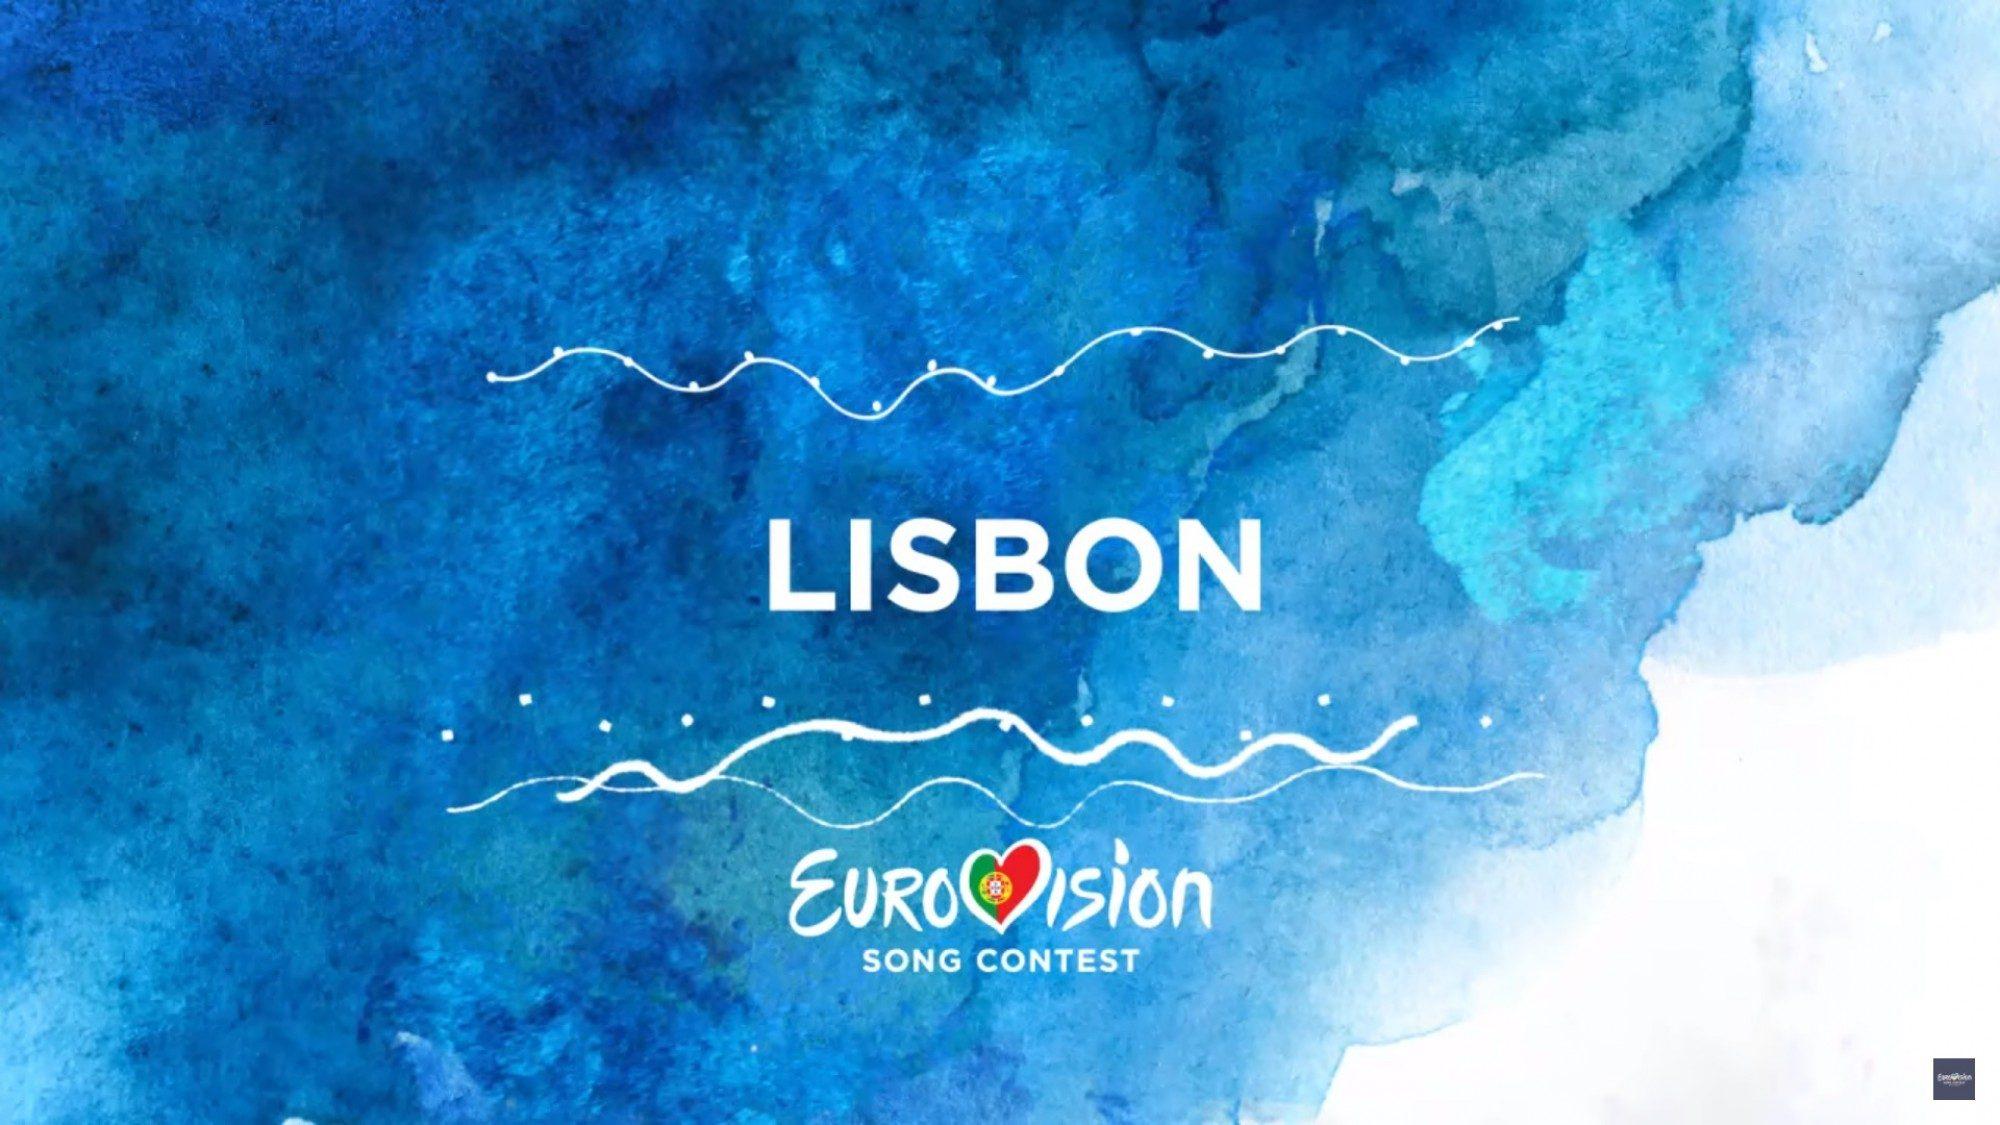 06082017_062700_eurovision-2018-lisbon-logo_grande-3